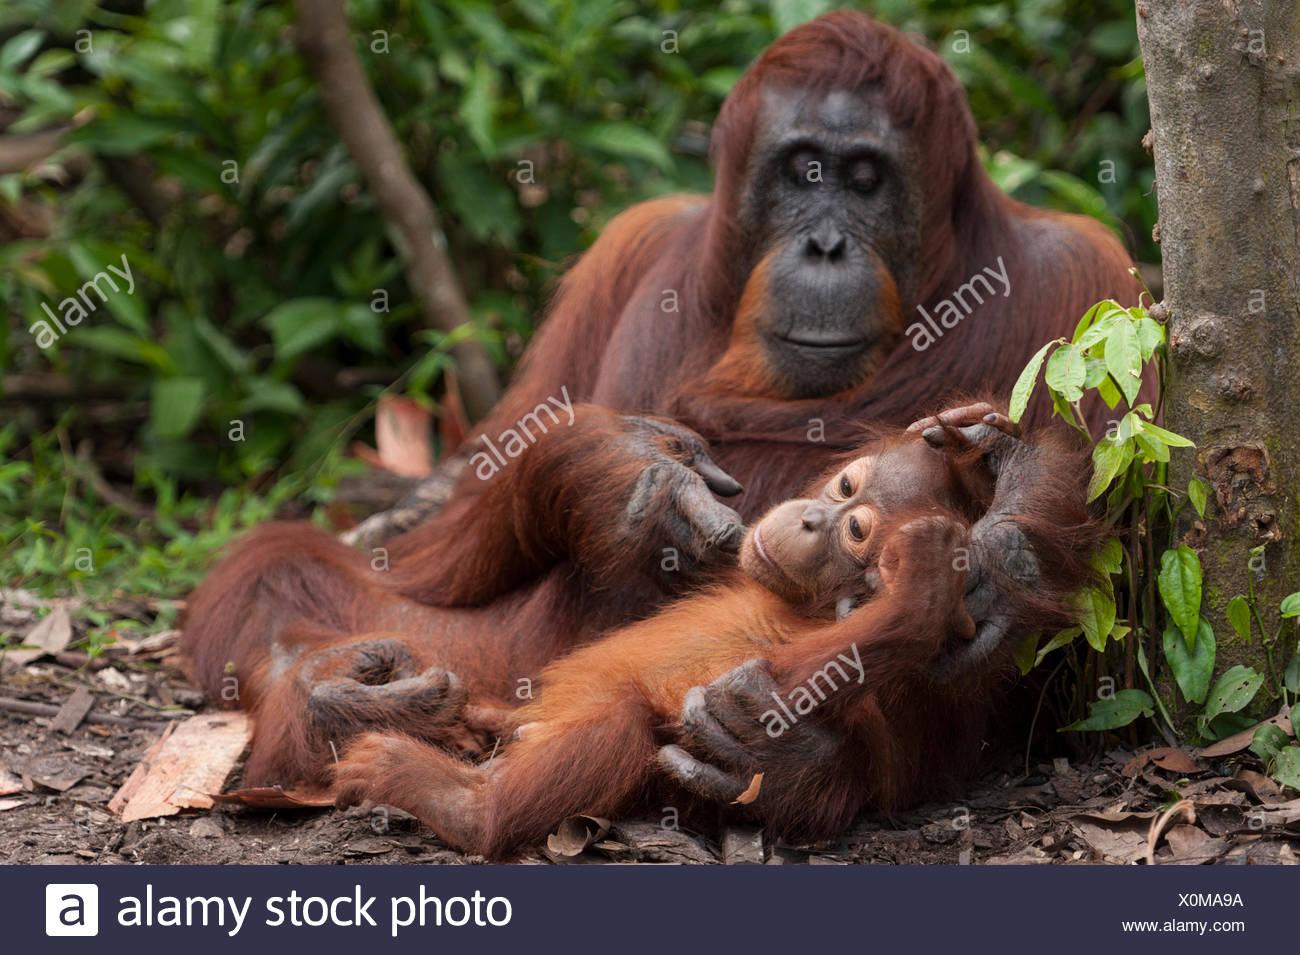 Bornean Orangutan (Pongo pygmaeus wurmbii) la madre e il bambino, Tanjung messa National Park, Borneo Kalimantan centrale, Indonesia. Specie in via di estinzione. Immagini Stock